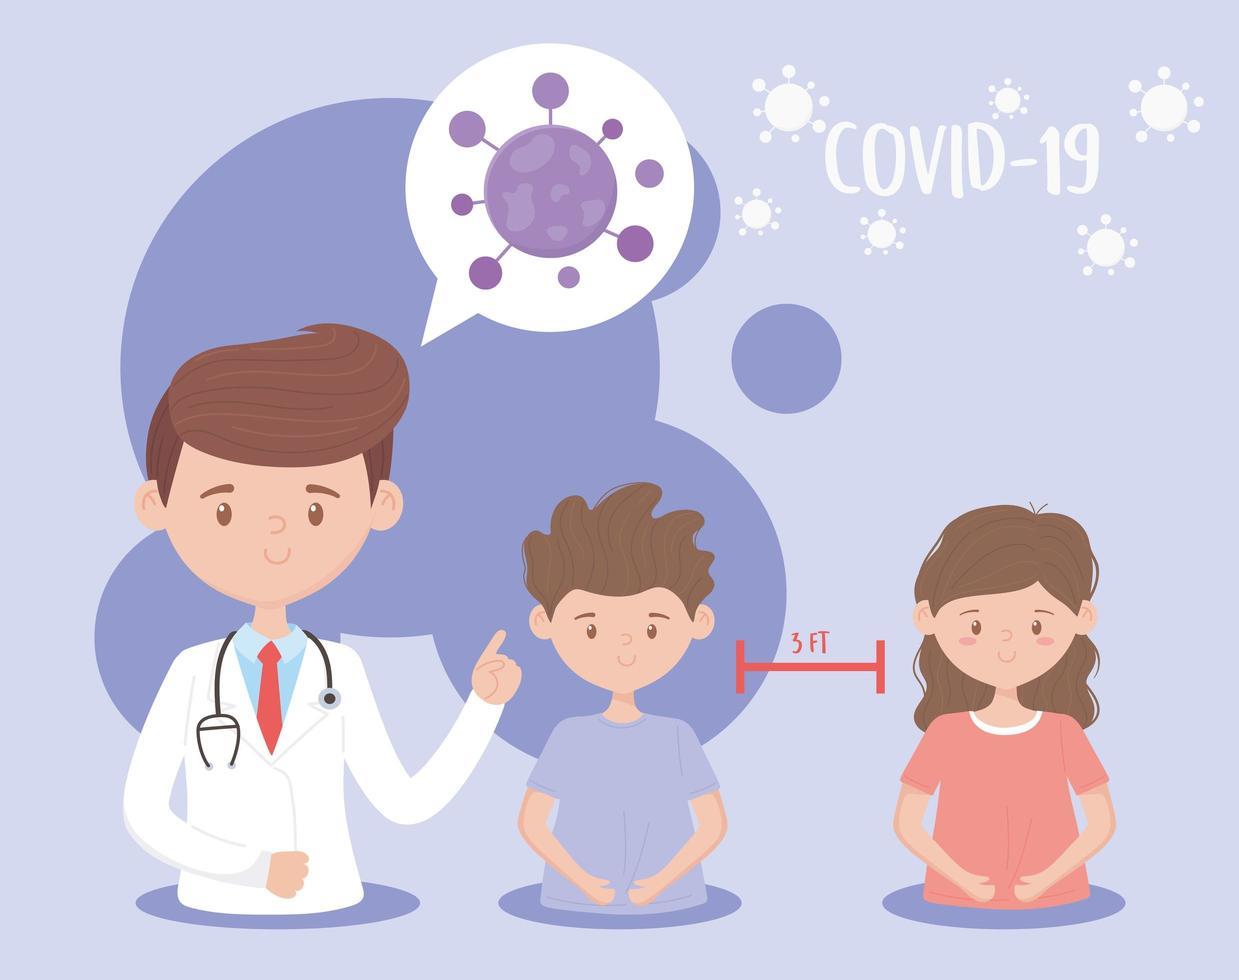 covid-19 et distanciation sociale vecteur